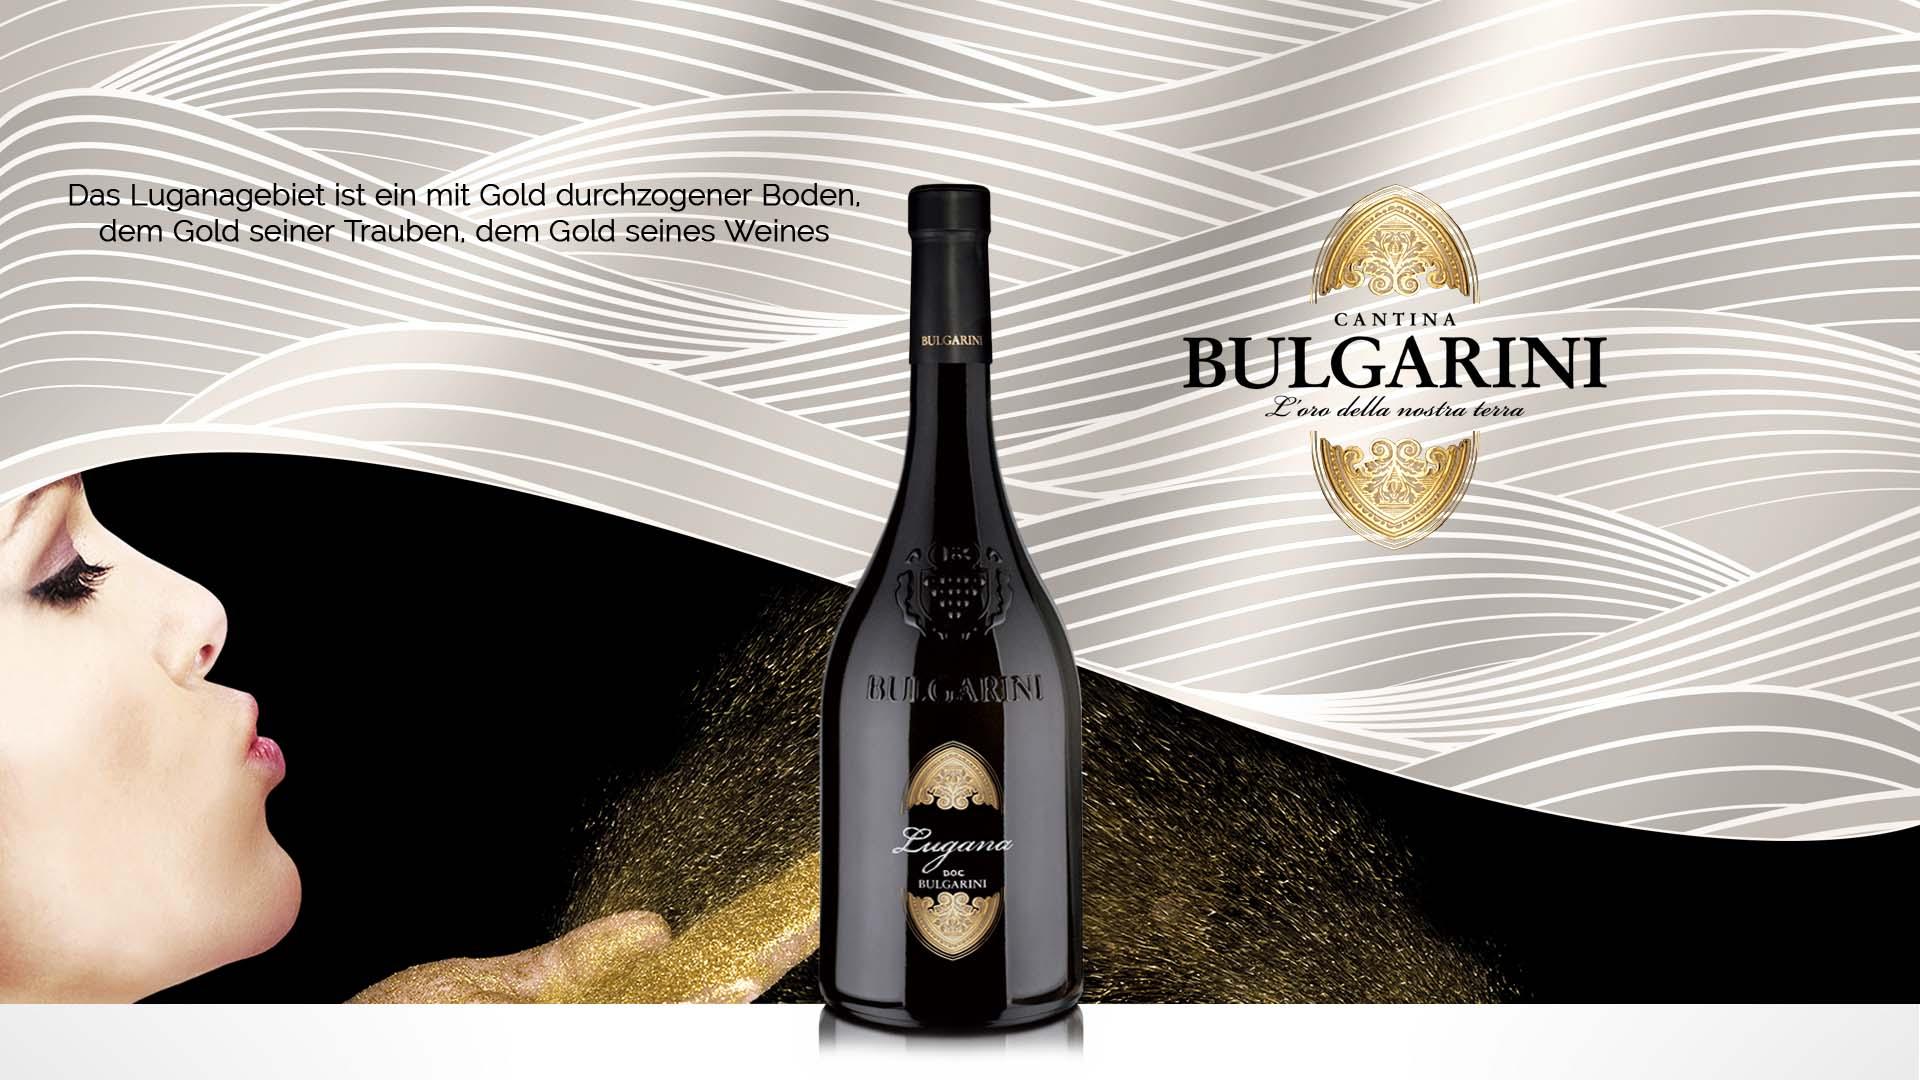 Lugana Bulgarini 2017 slide DE